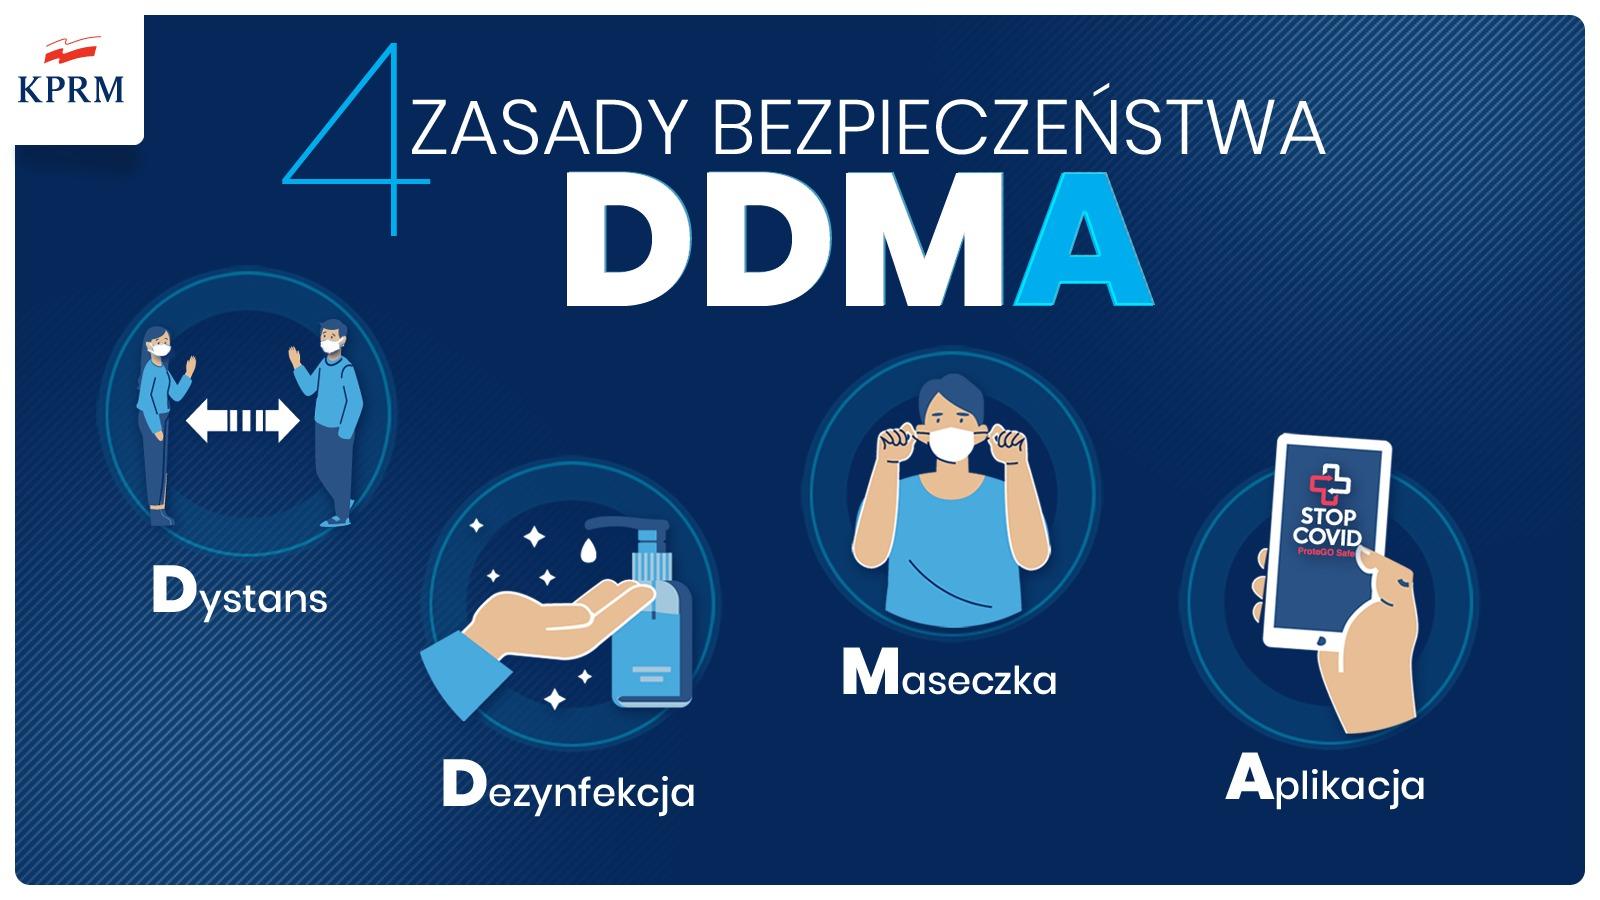 4 zasady bezpieczeństwa:dystans, dezynfekcja, maseczka i aplikacja